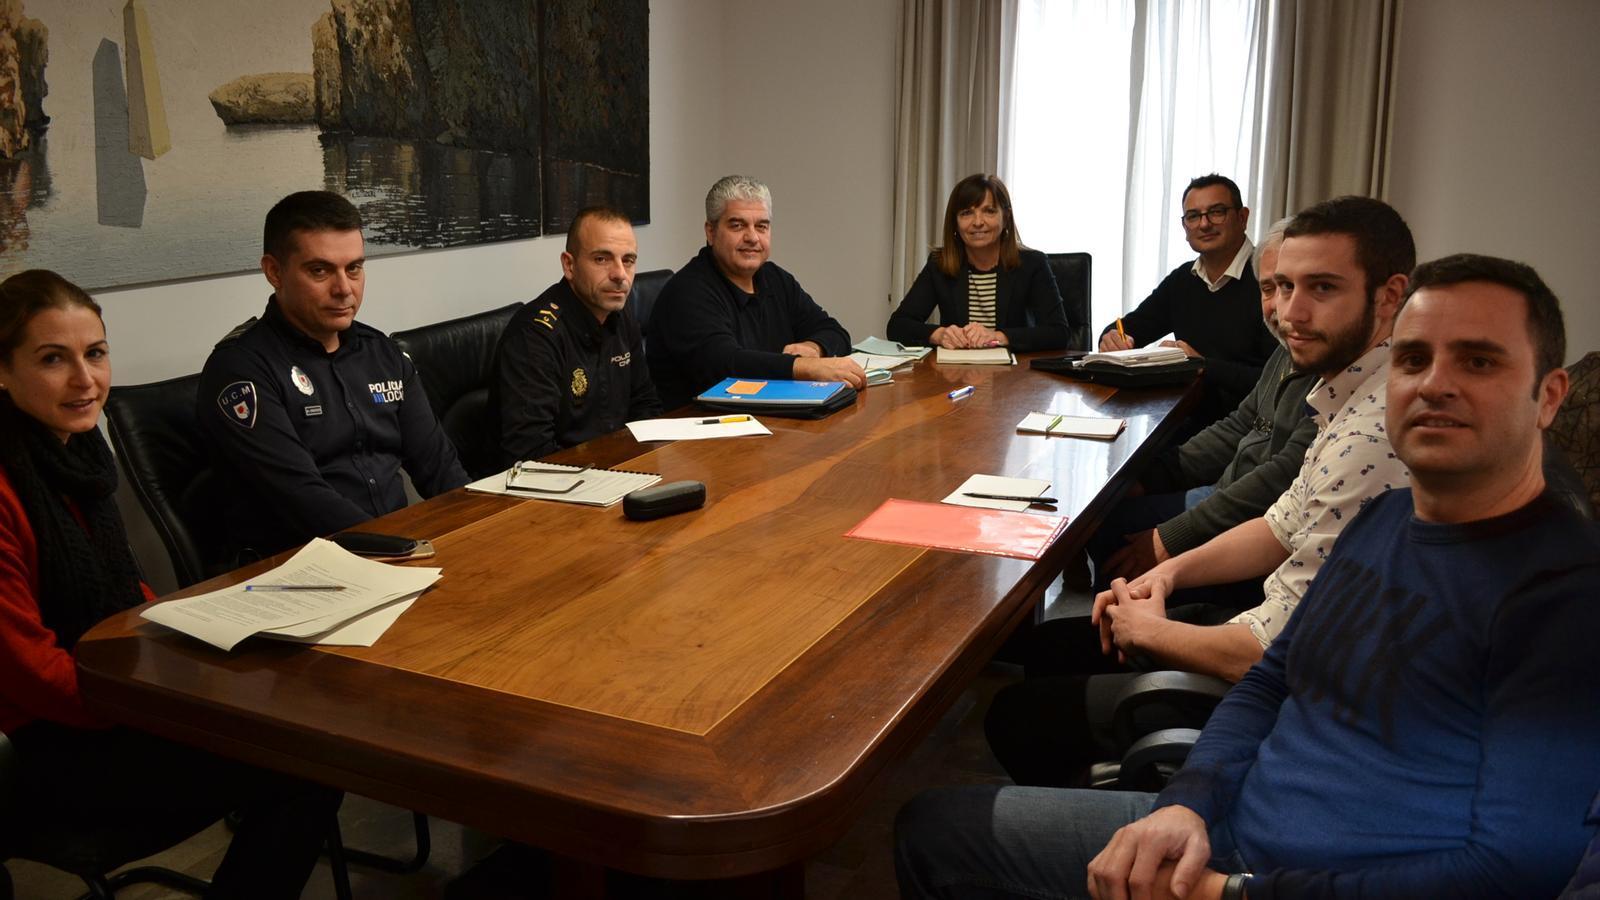 Imatge de la reunió a Batlia per preparar la seguretat durant el proper Sant Antoni.